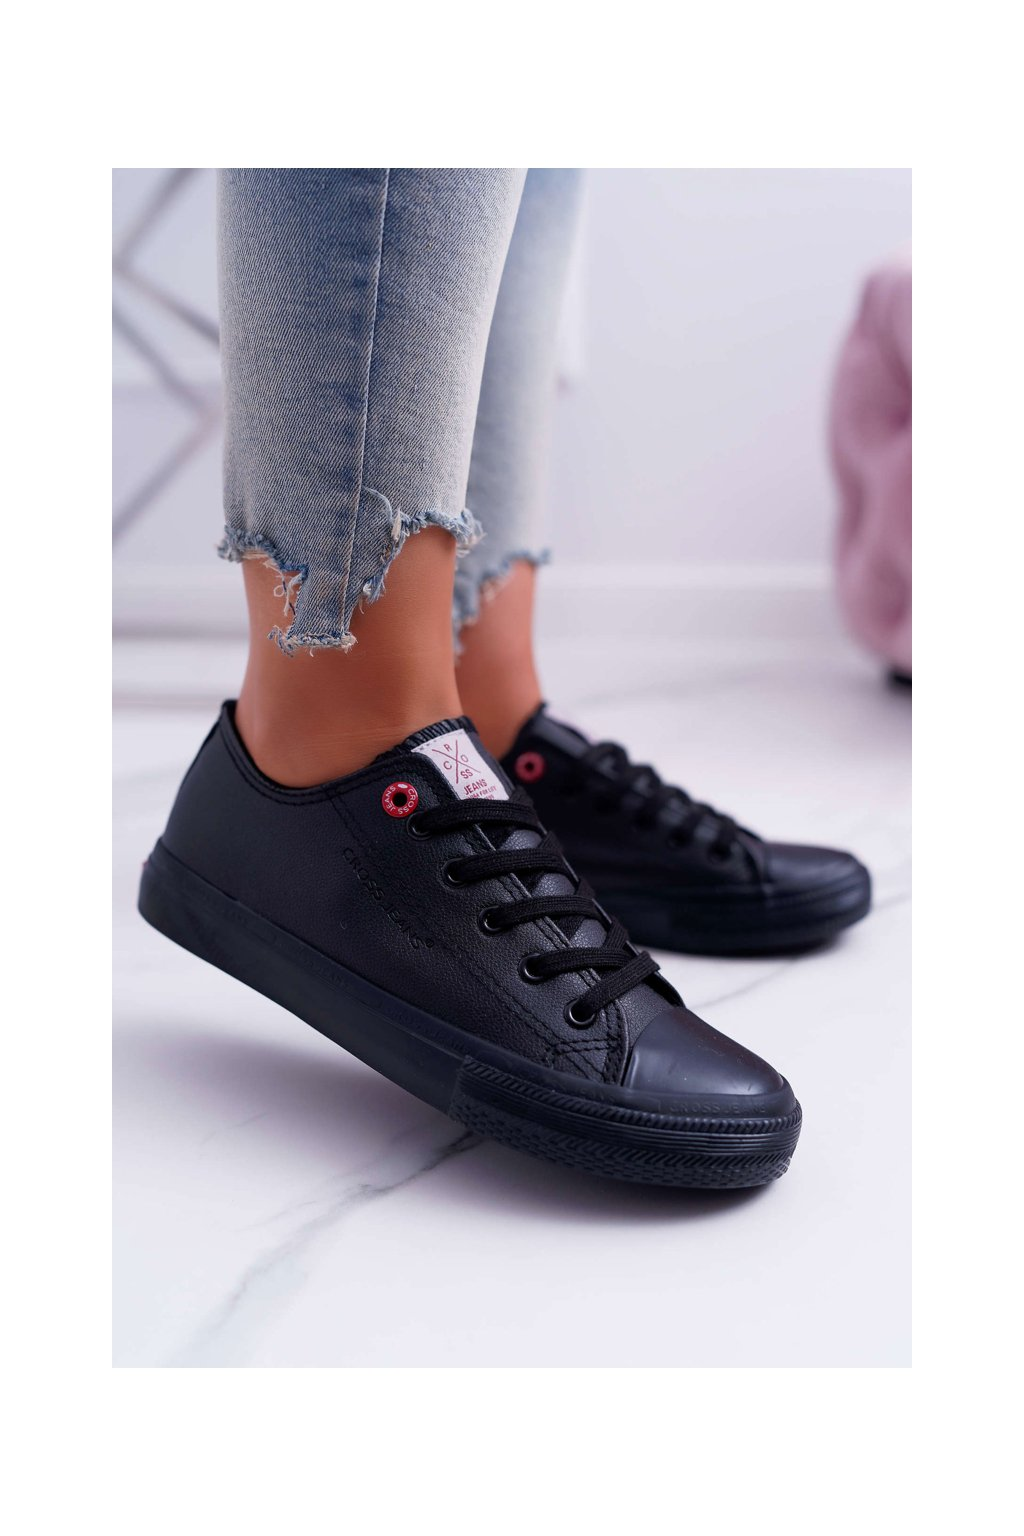 Dámske tenisky Cross Jeans čierne DD2R4029